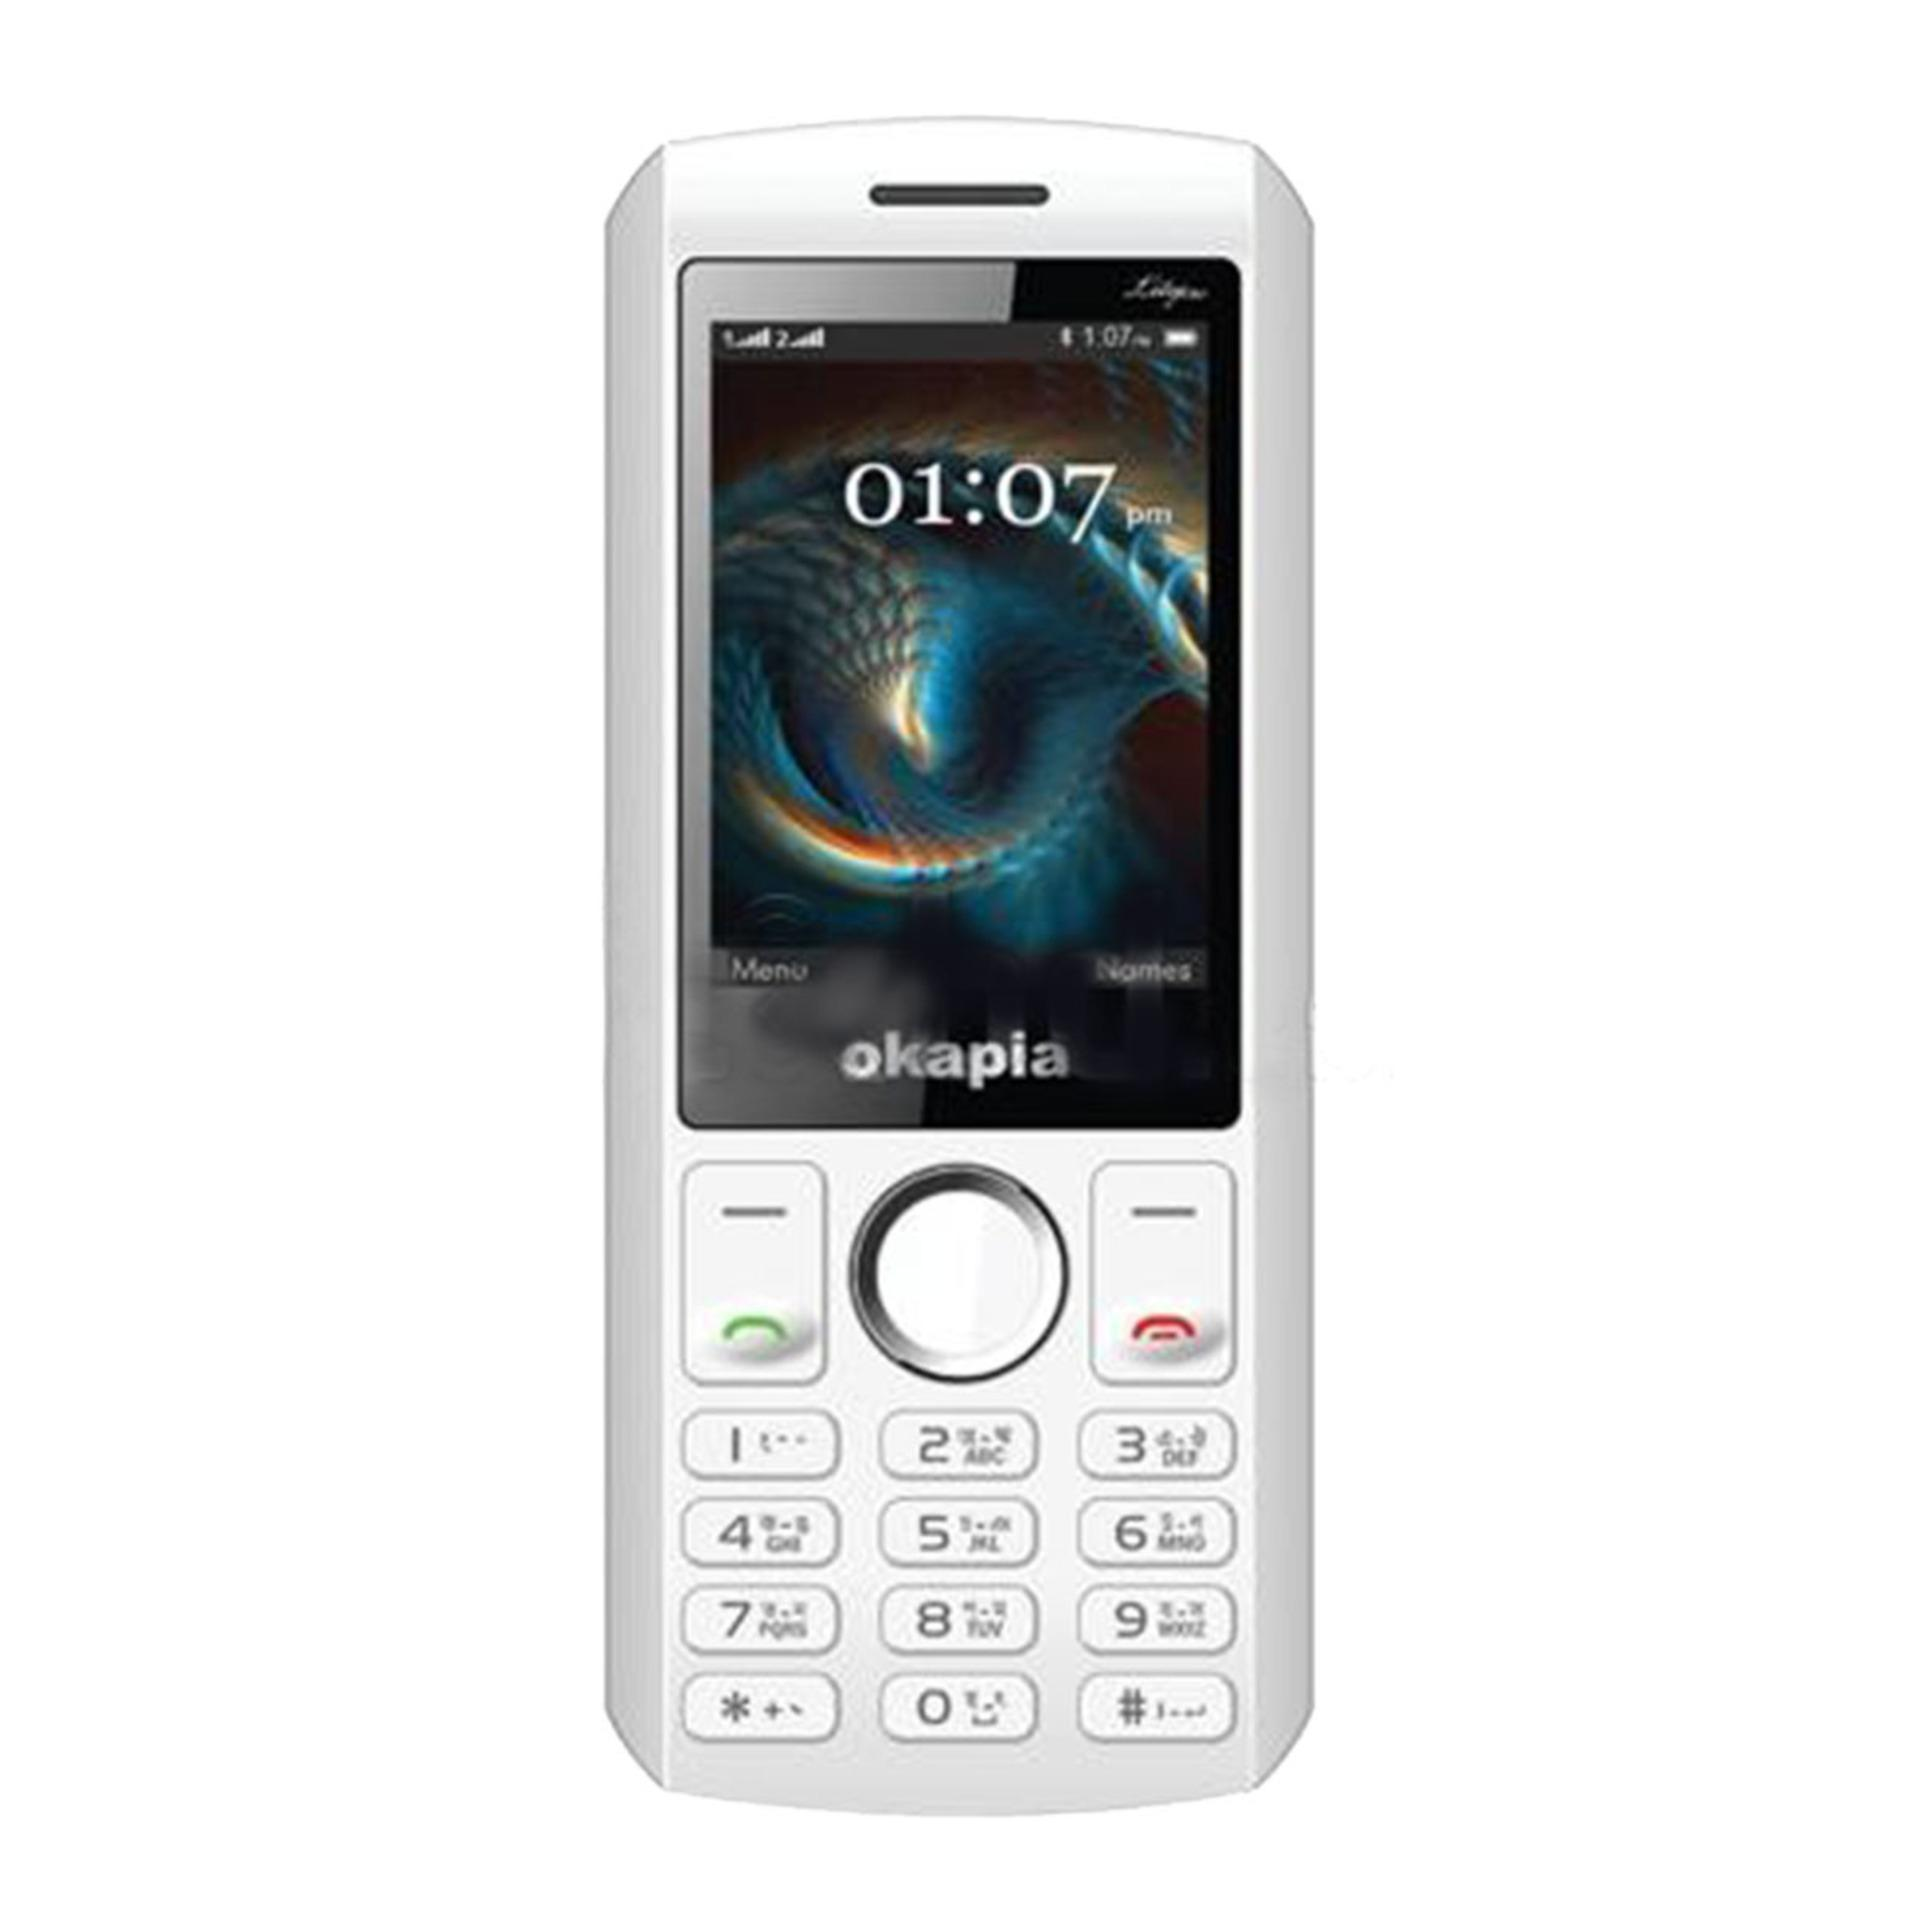 Jual Acer E3 380 Update 2018 3in1 Lusinan Sabun Beras Thailand K Brothers Tiga Manfaat Dlm 1 Jauh Lebih Acerokapia Buy At Best Price In Bangladesh Www Lite Pro I Feature Phone